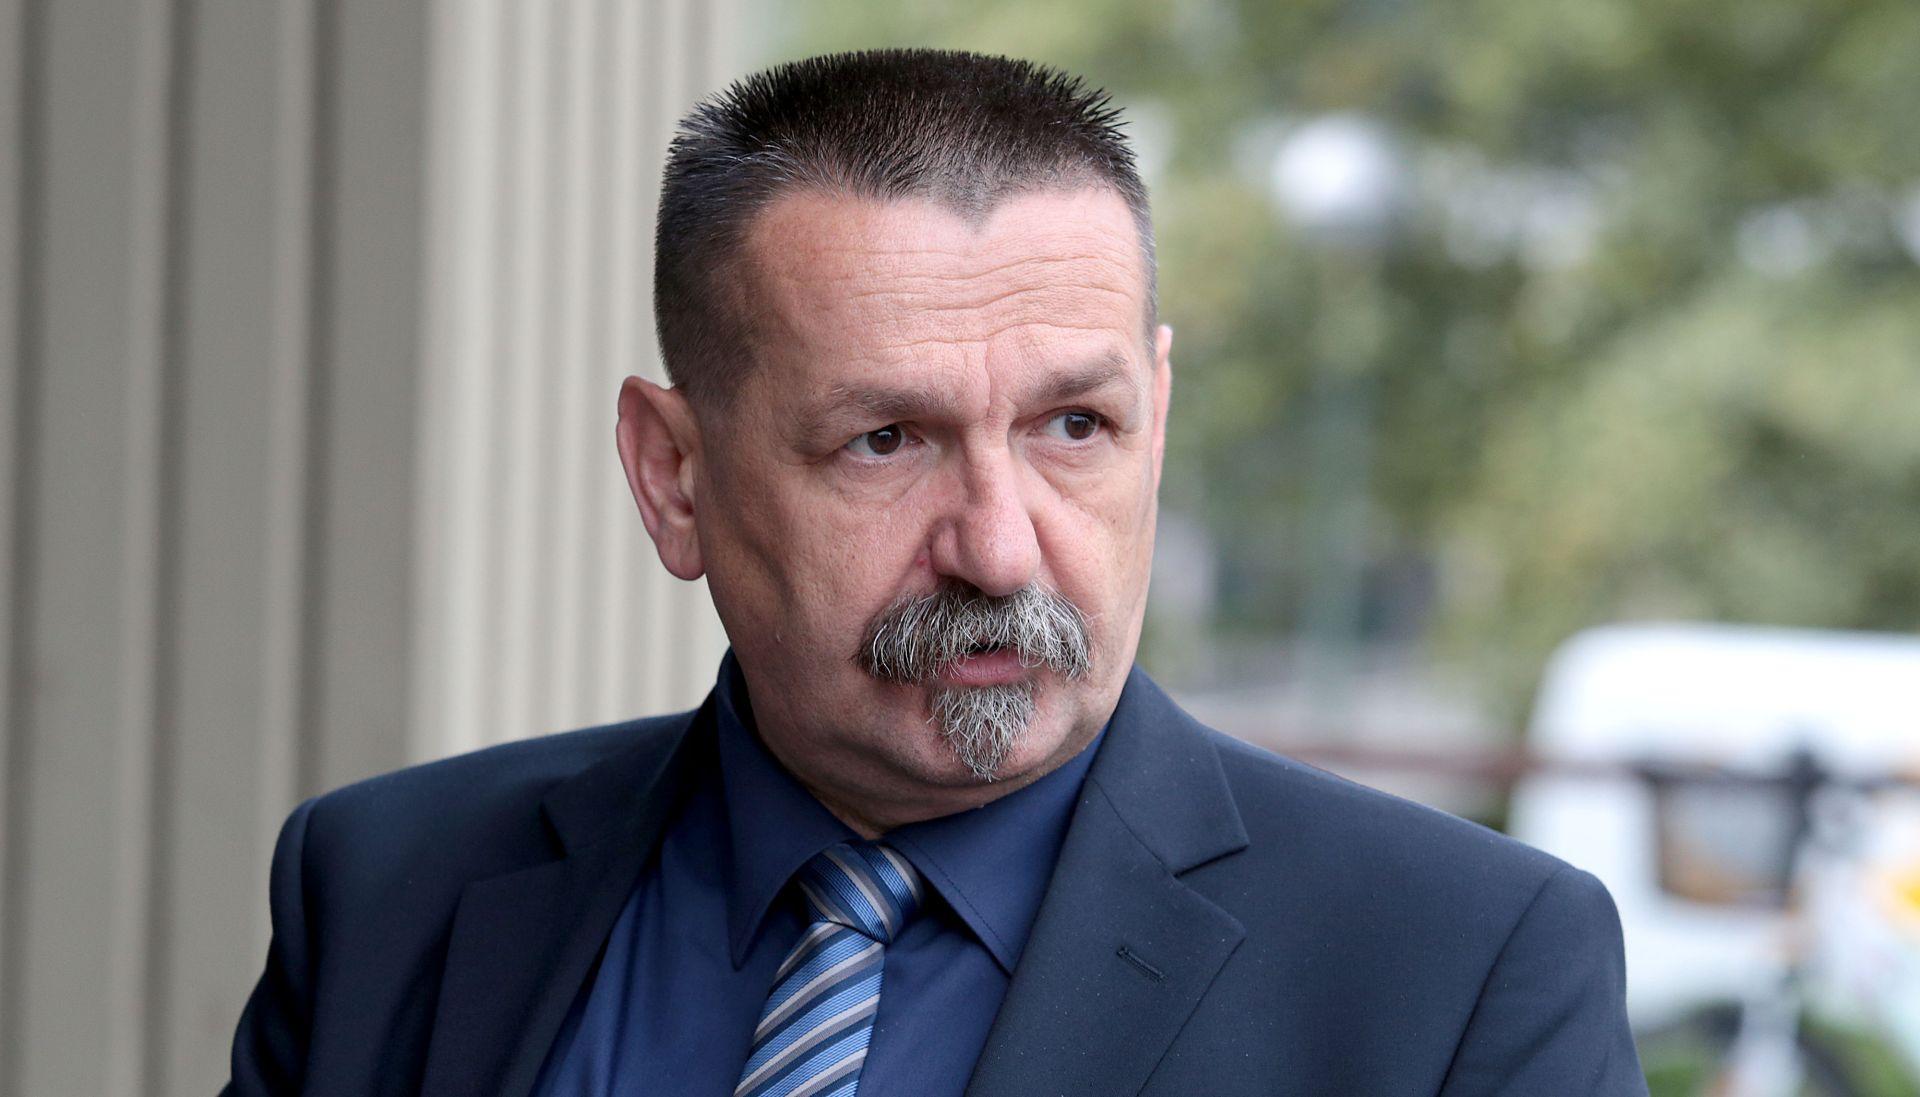 Glavni stan HSP-a AS suspendirao Ćorića; Ćorić: Sjednica je bila nelegalna